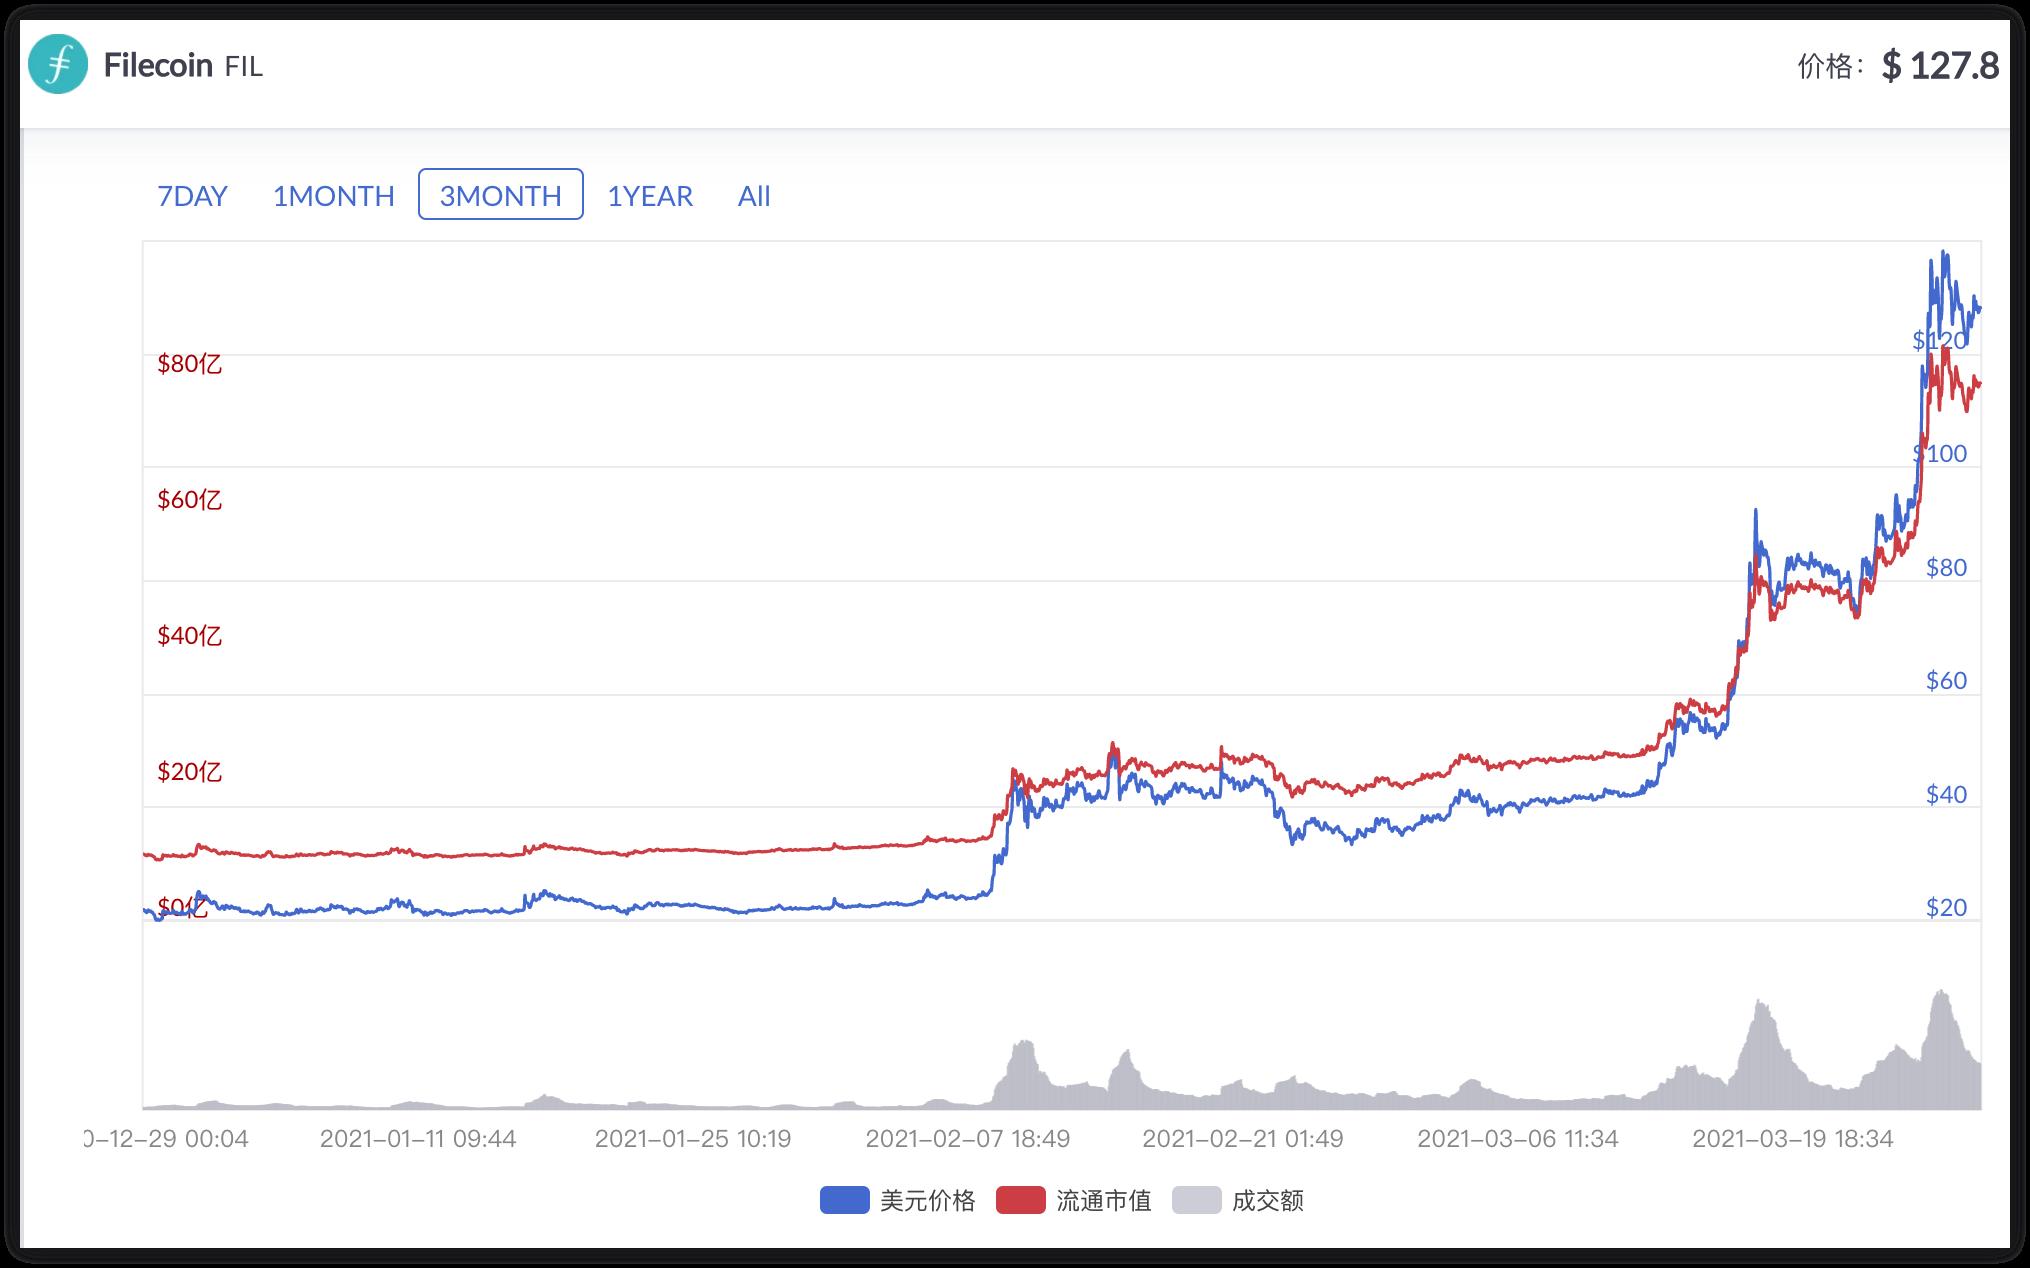 成交额力压比特币大涨260%,Filecoin是何方神圣?